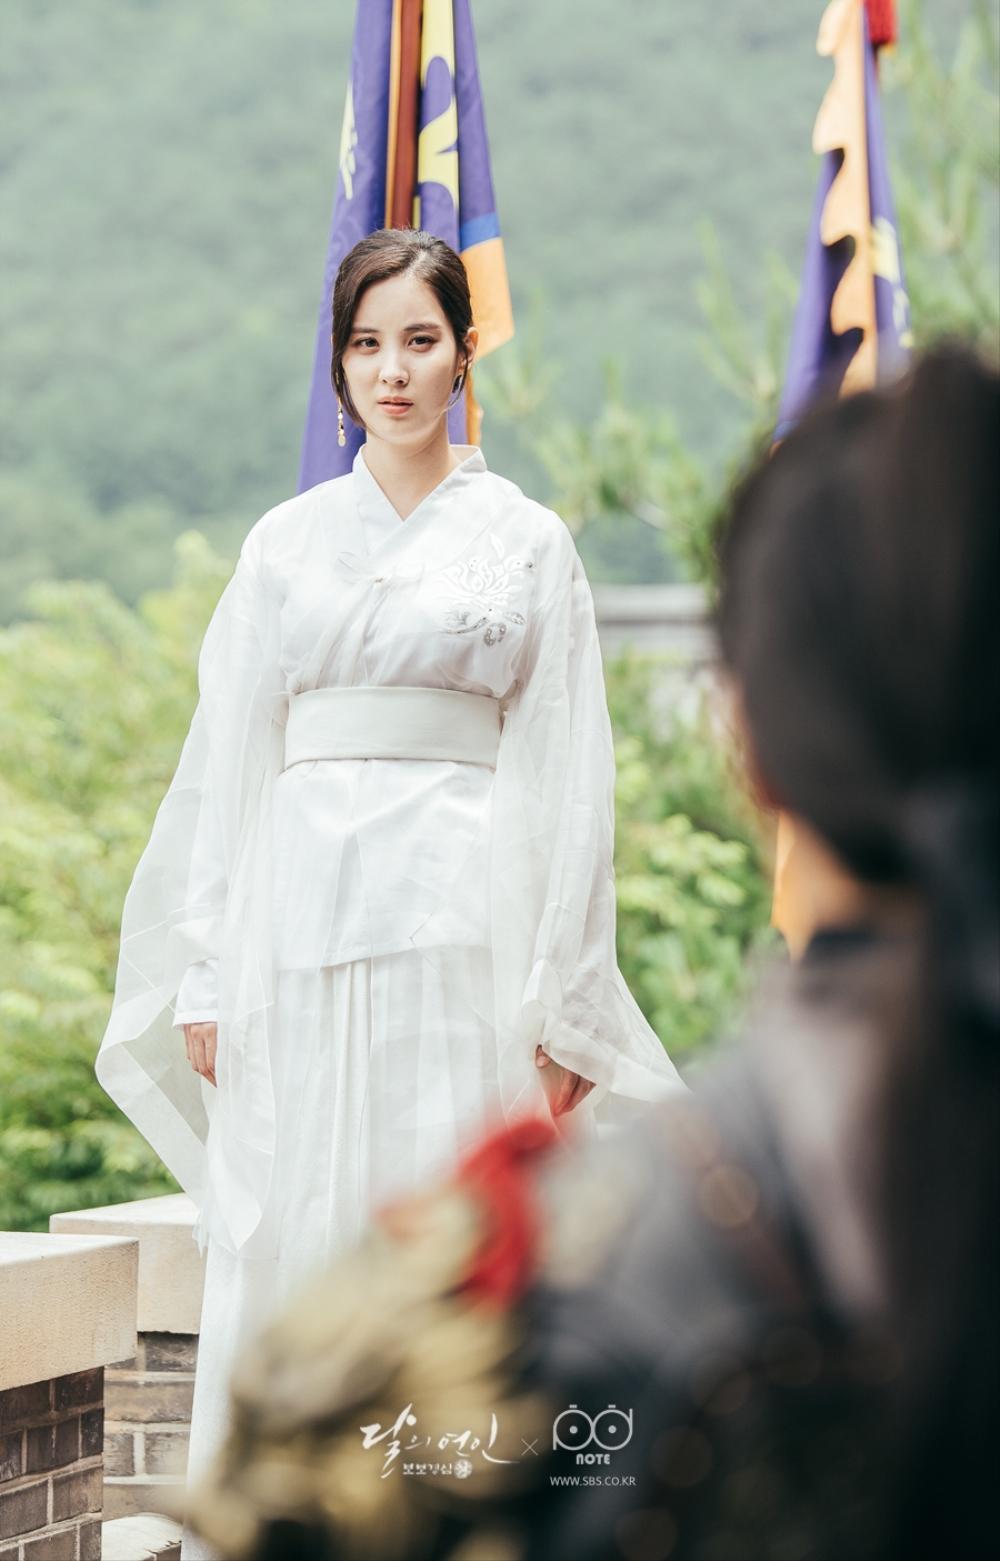 흰 소복을 입고 성 위에서 뛰어 들기 전 백아를 슬프게 바라보는 우희의 이미지